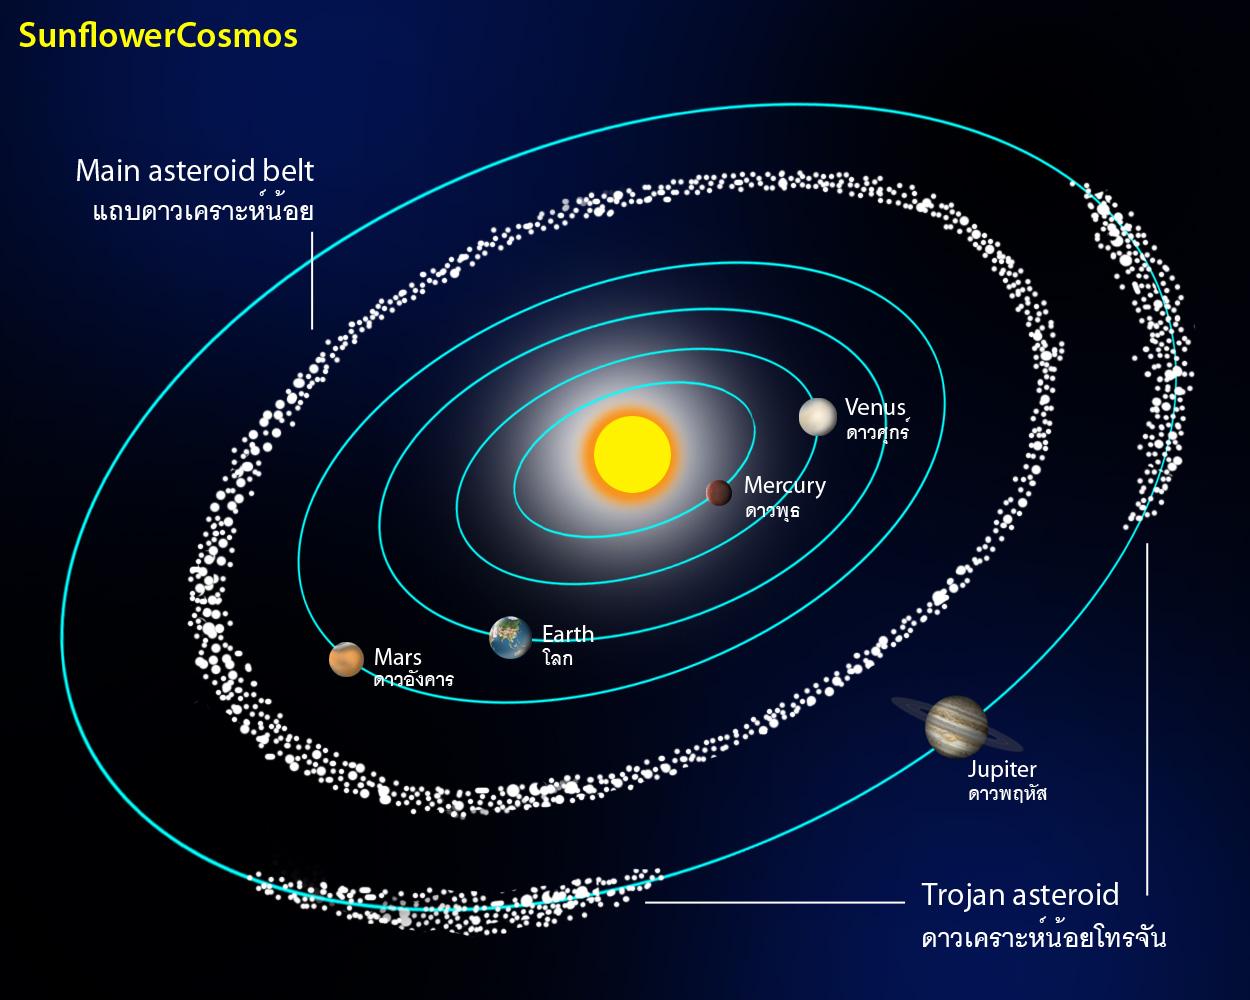 venus on asteroid belt - photo #8